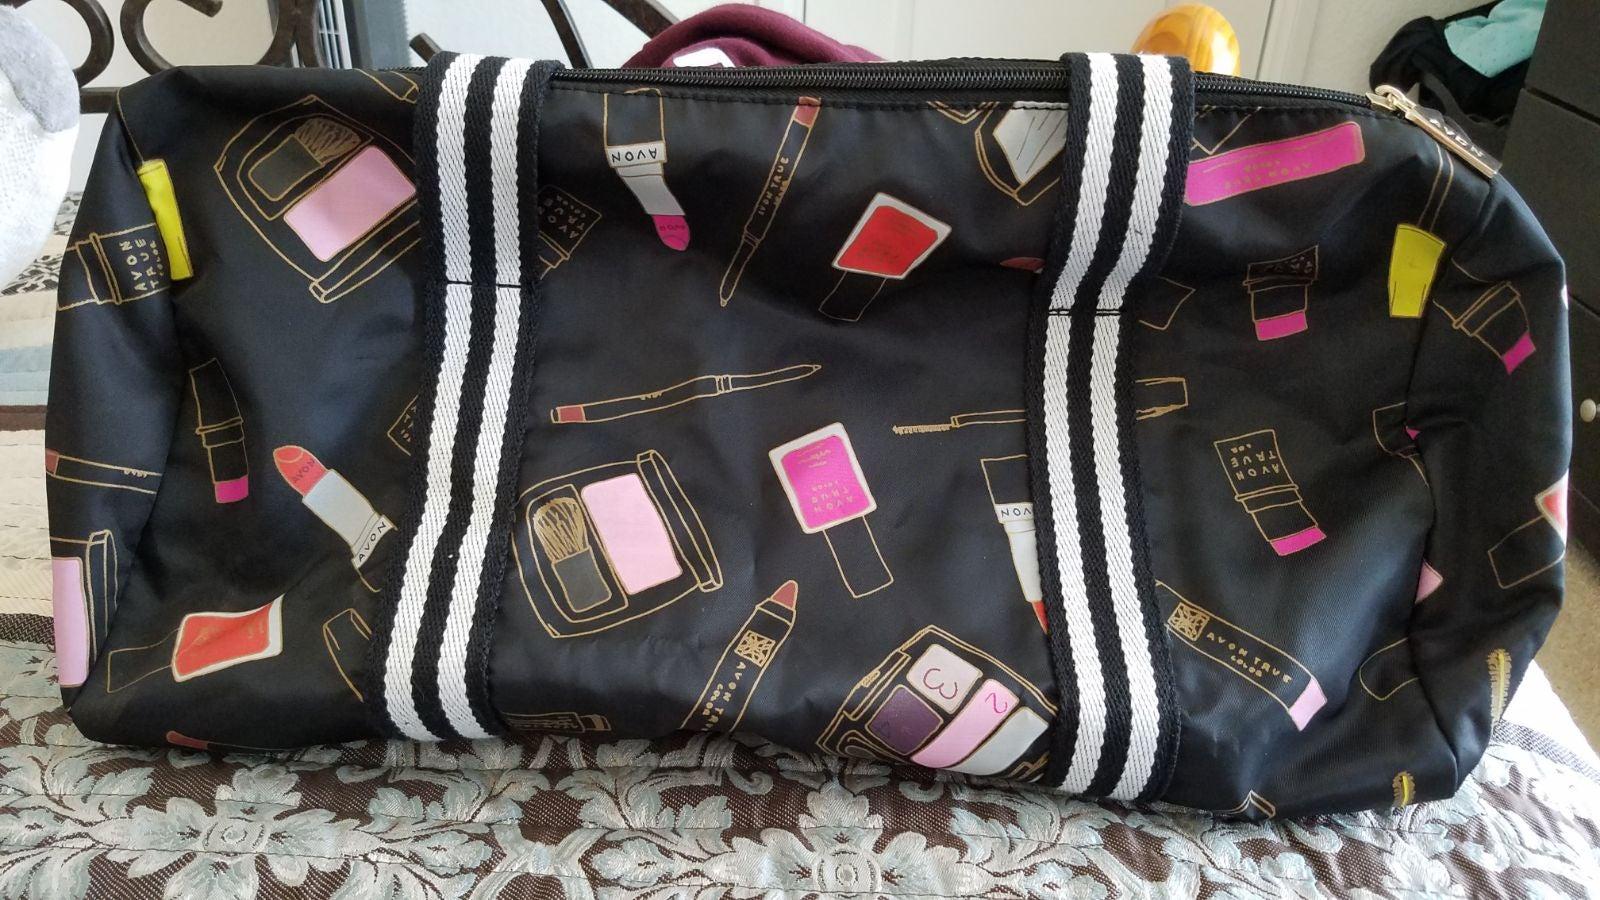 Avon duffel bag